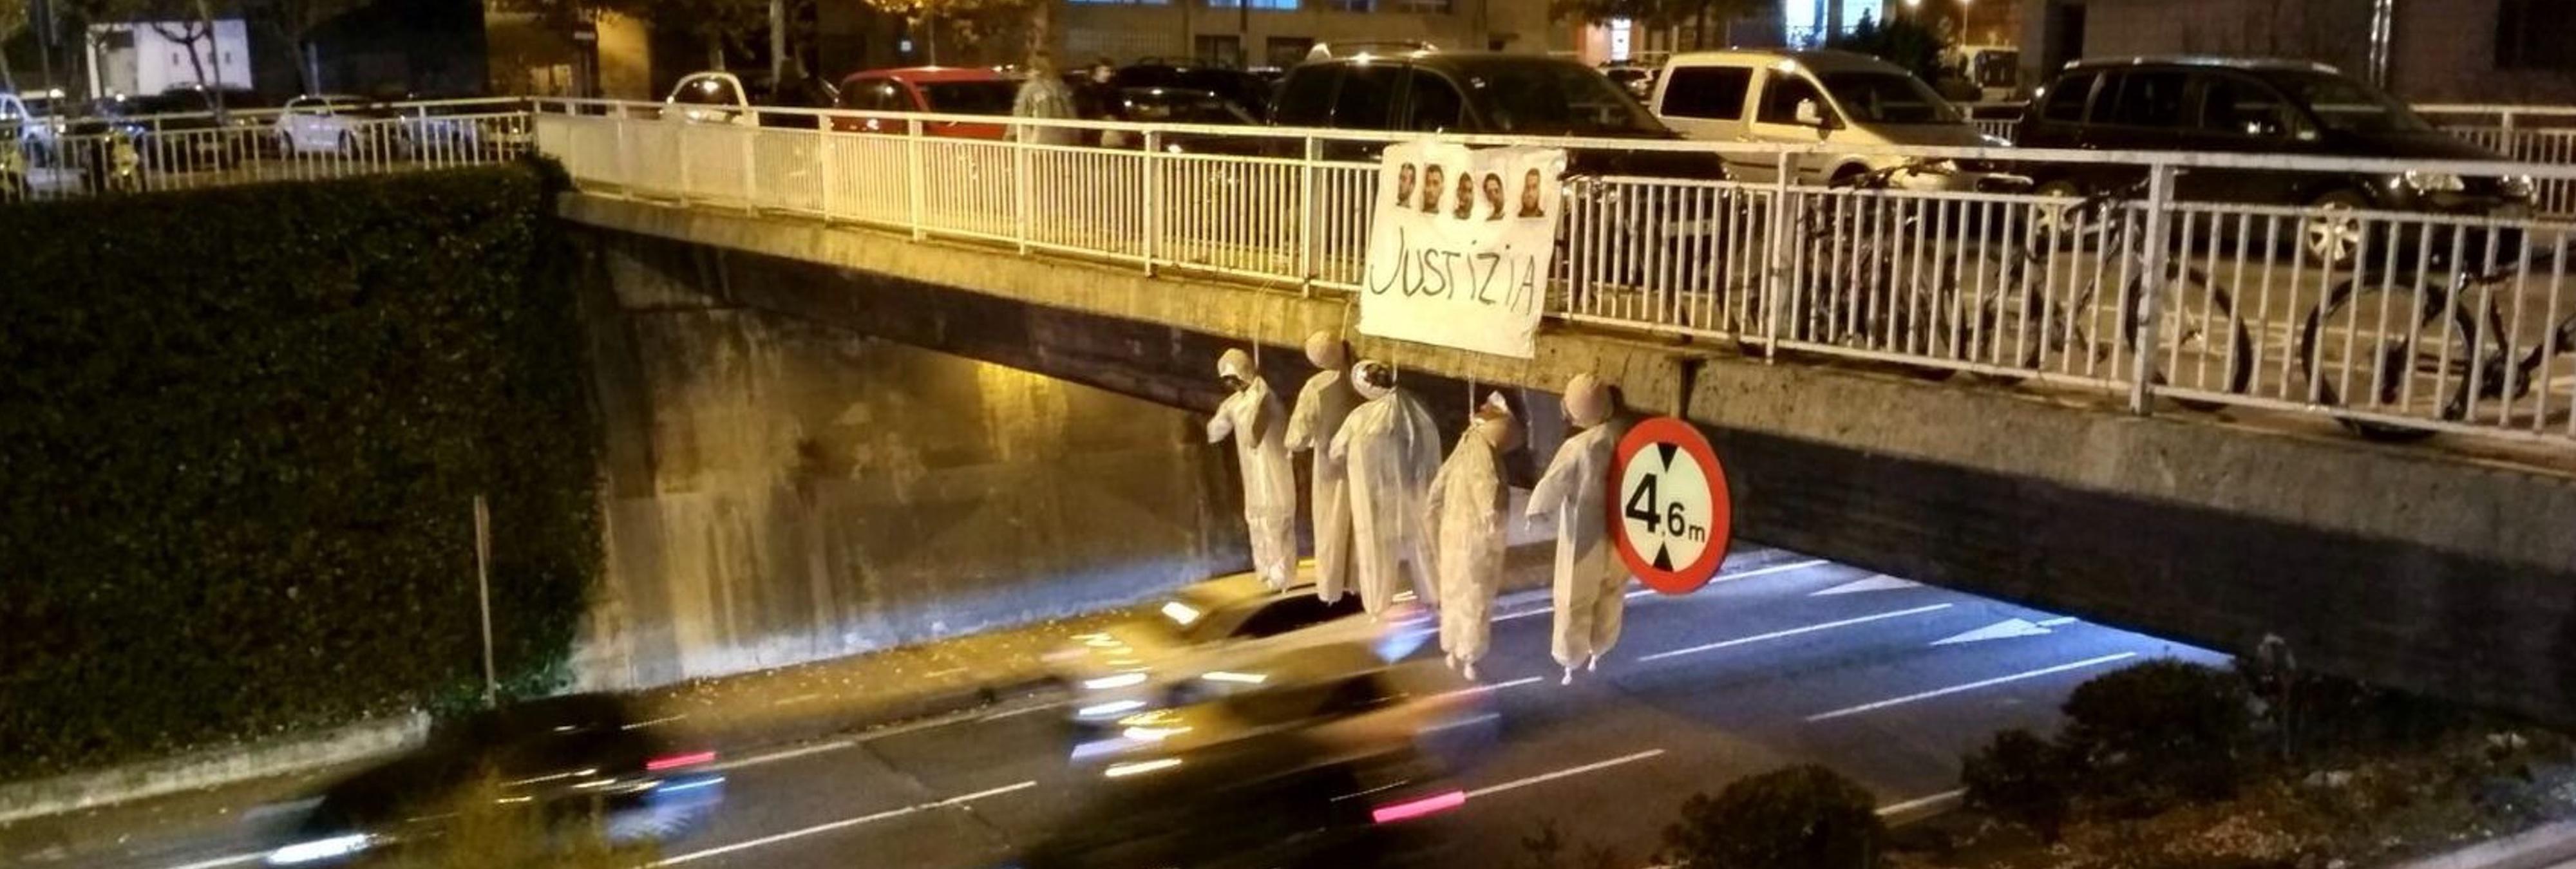 Cinco muñecos ahorcados y carteles contra 'La Manada' llenan las calles de Pamplona